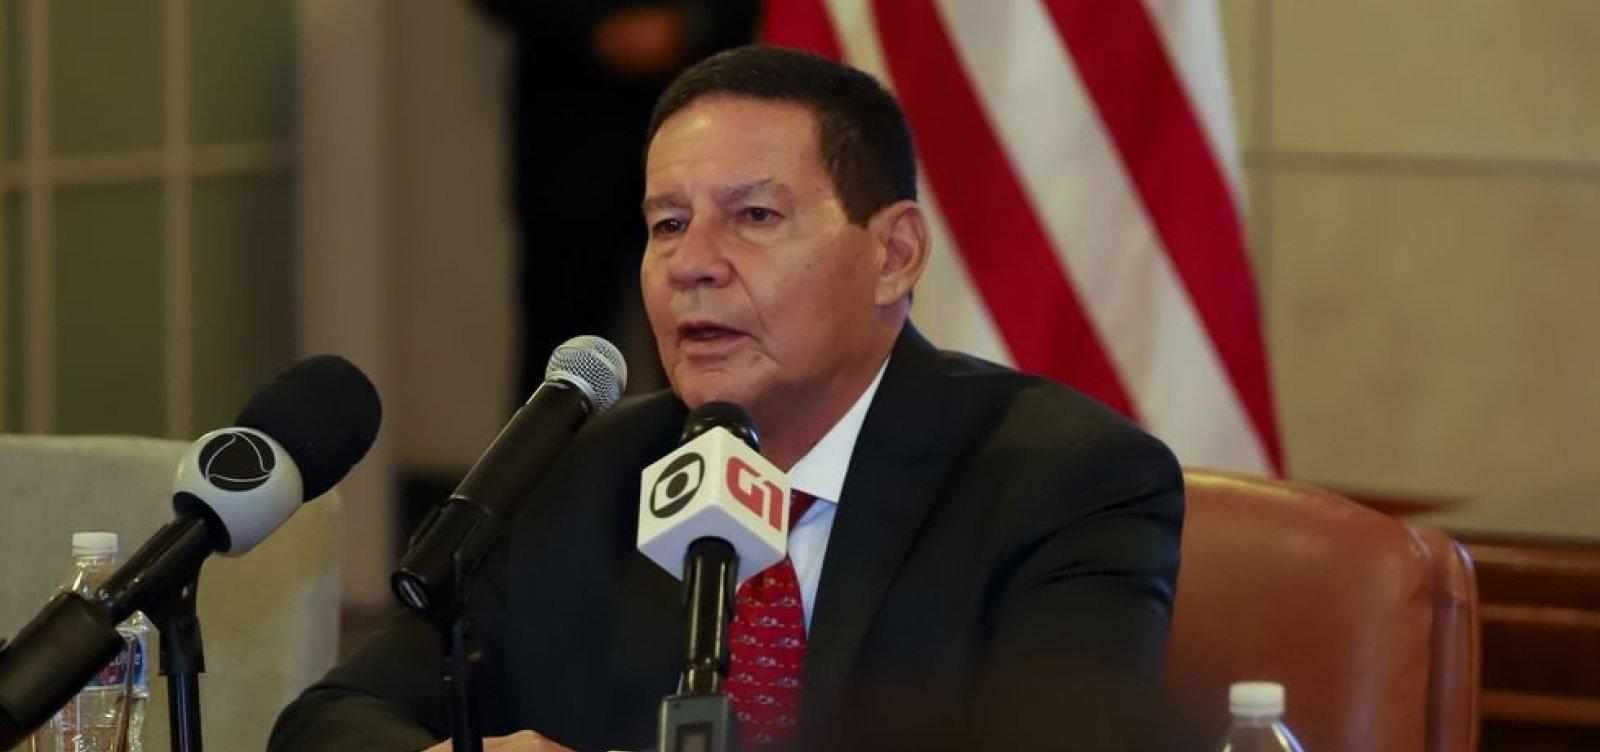 Decisão de Guaidó de tentar derrubar governo não foi a melhor, diz Mourão